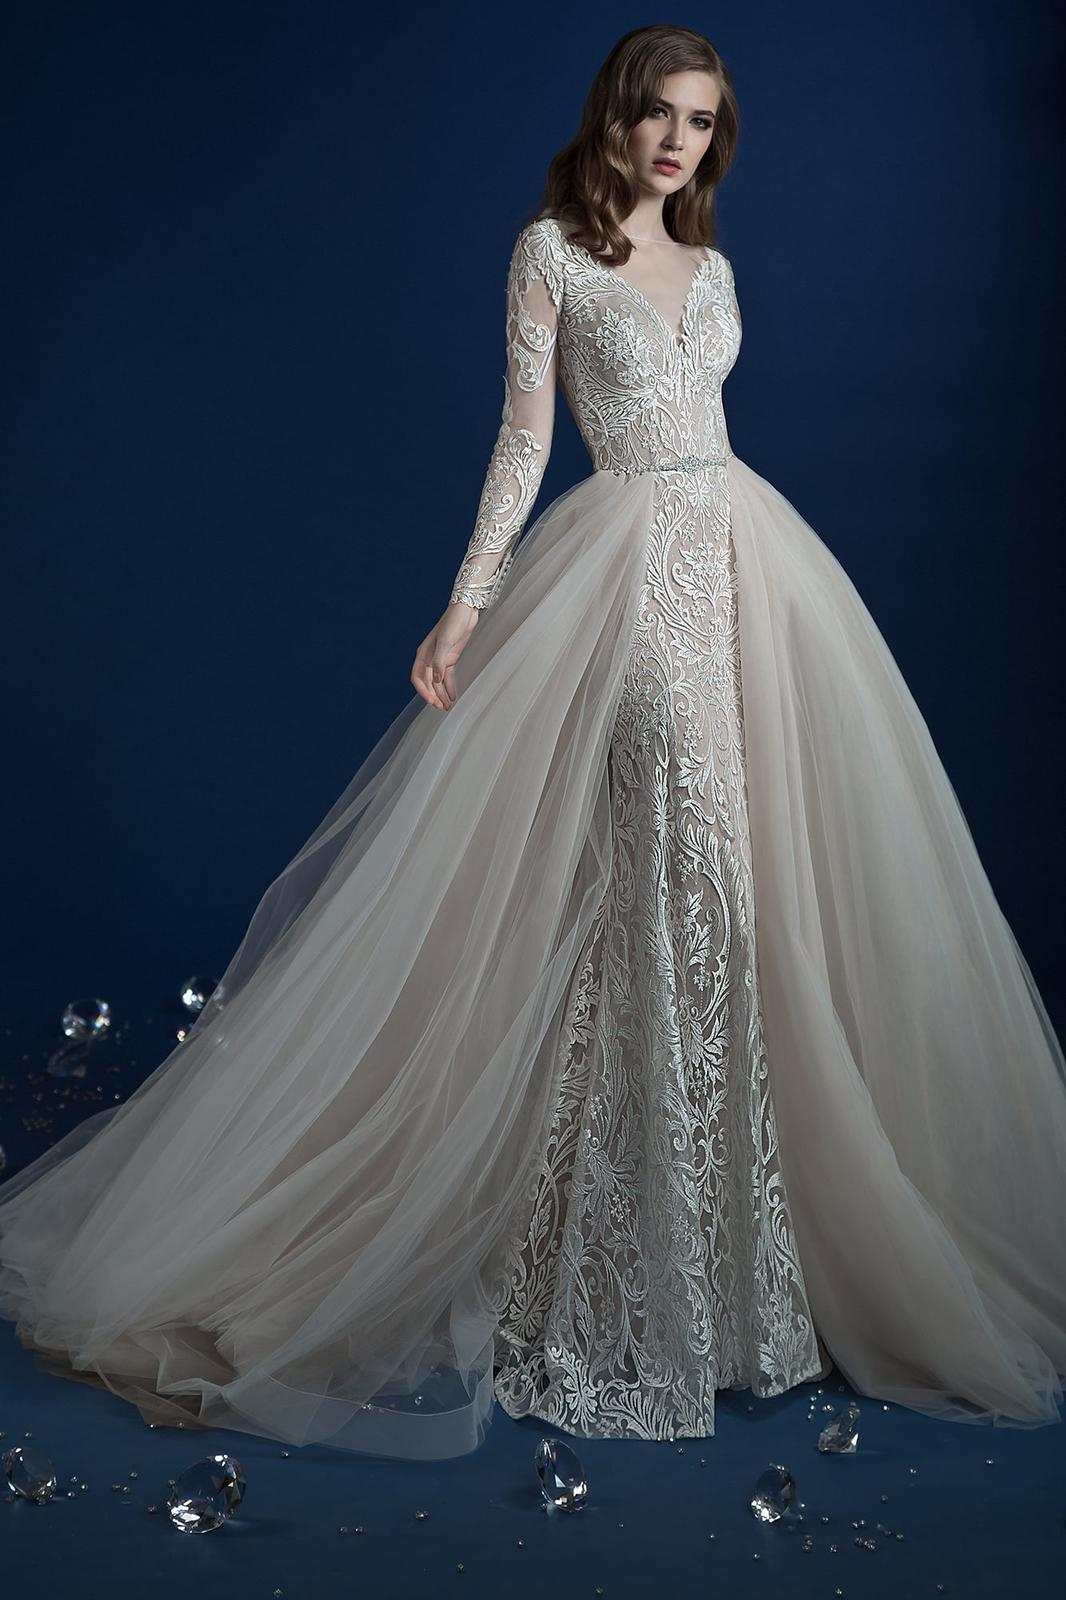 Svadobné šaty Gabbiano a Tesoro Bridal - Obrázok č. 3